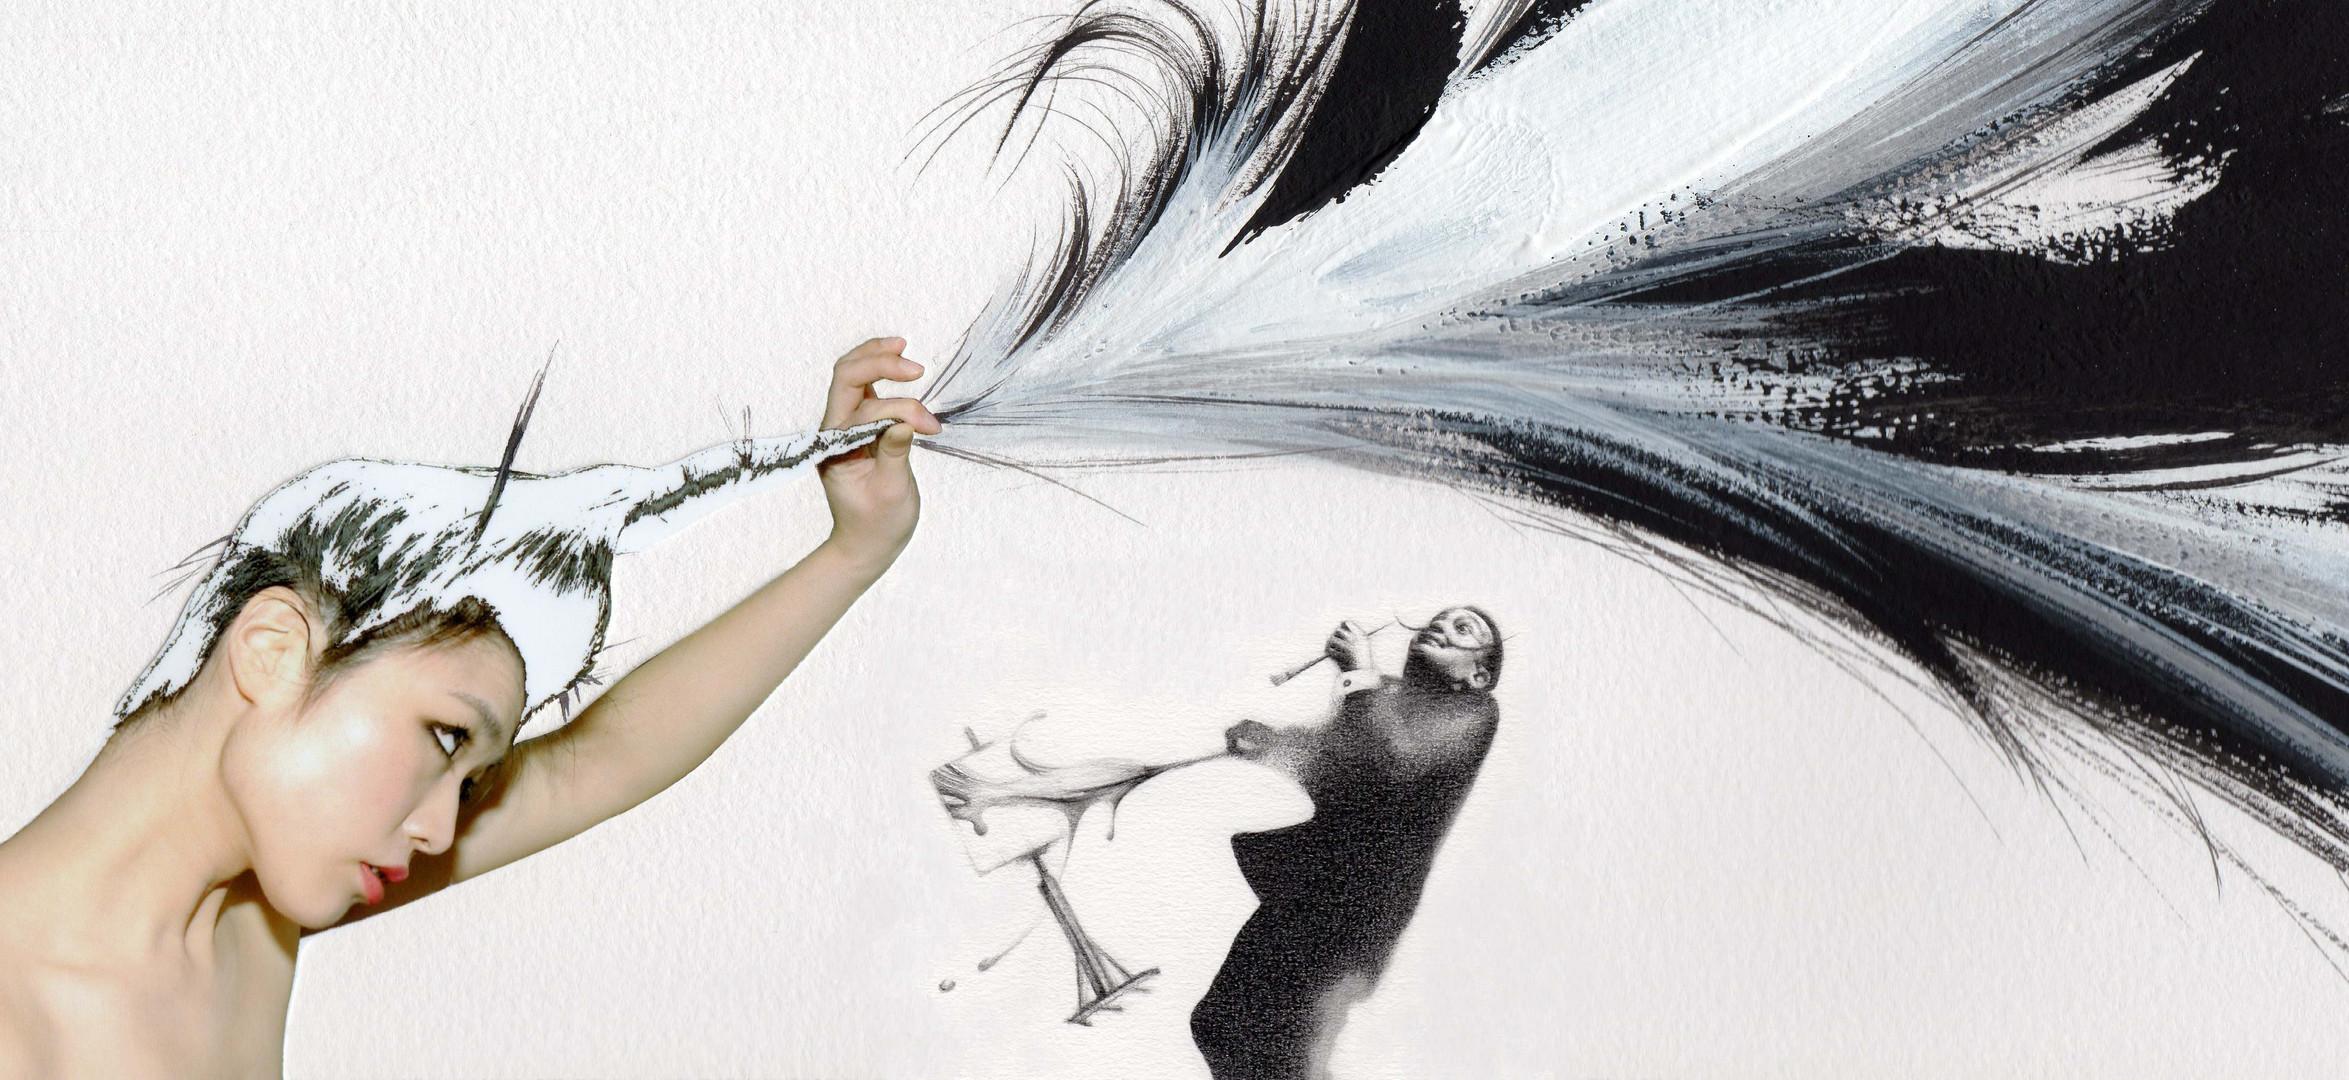 Brush Hair and Mr.Dali